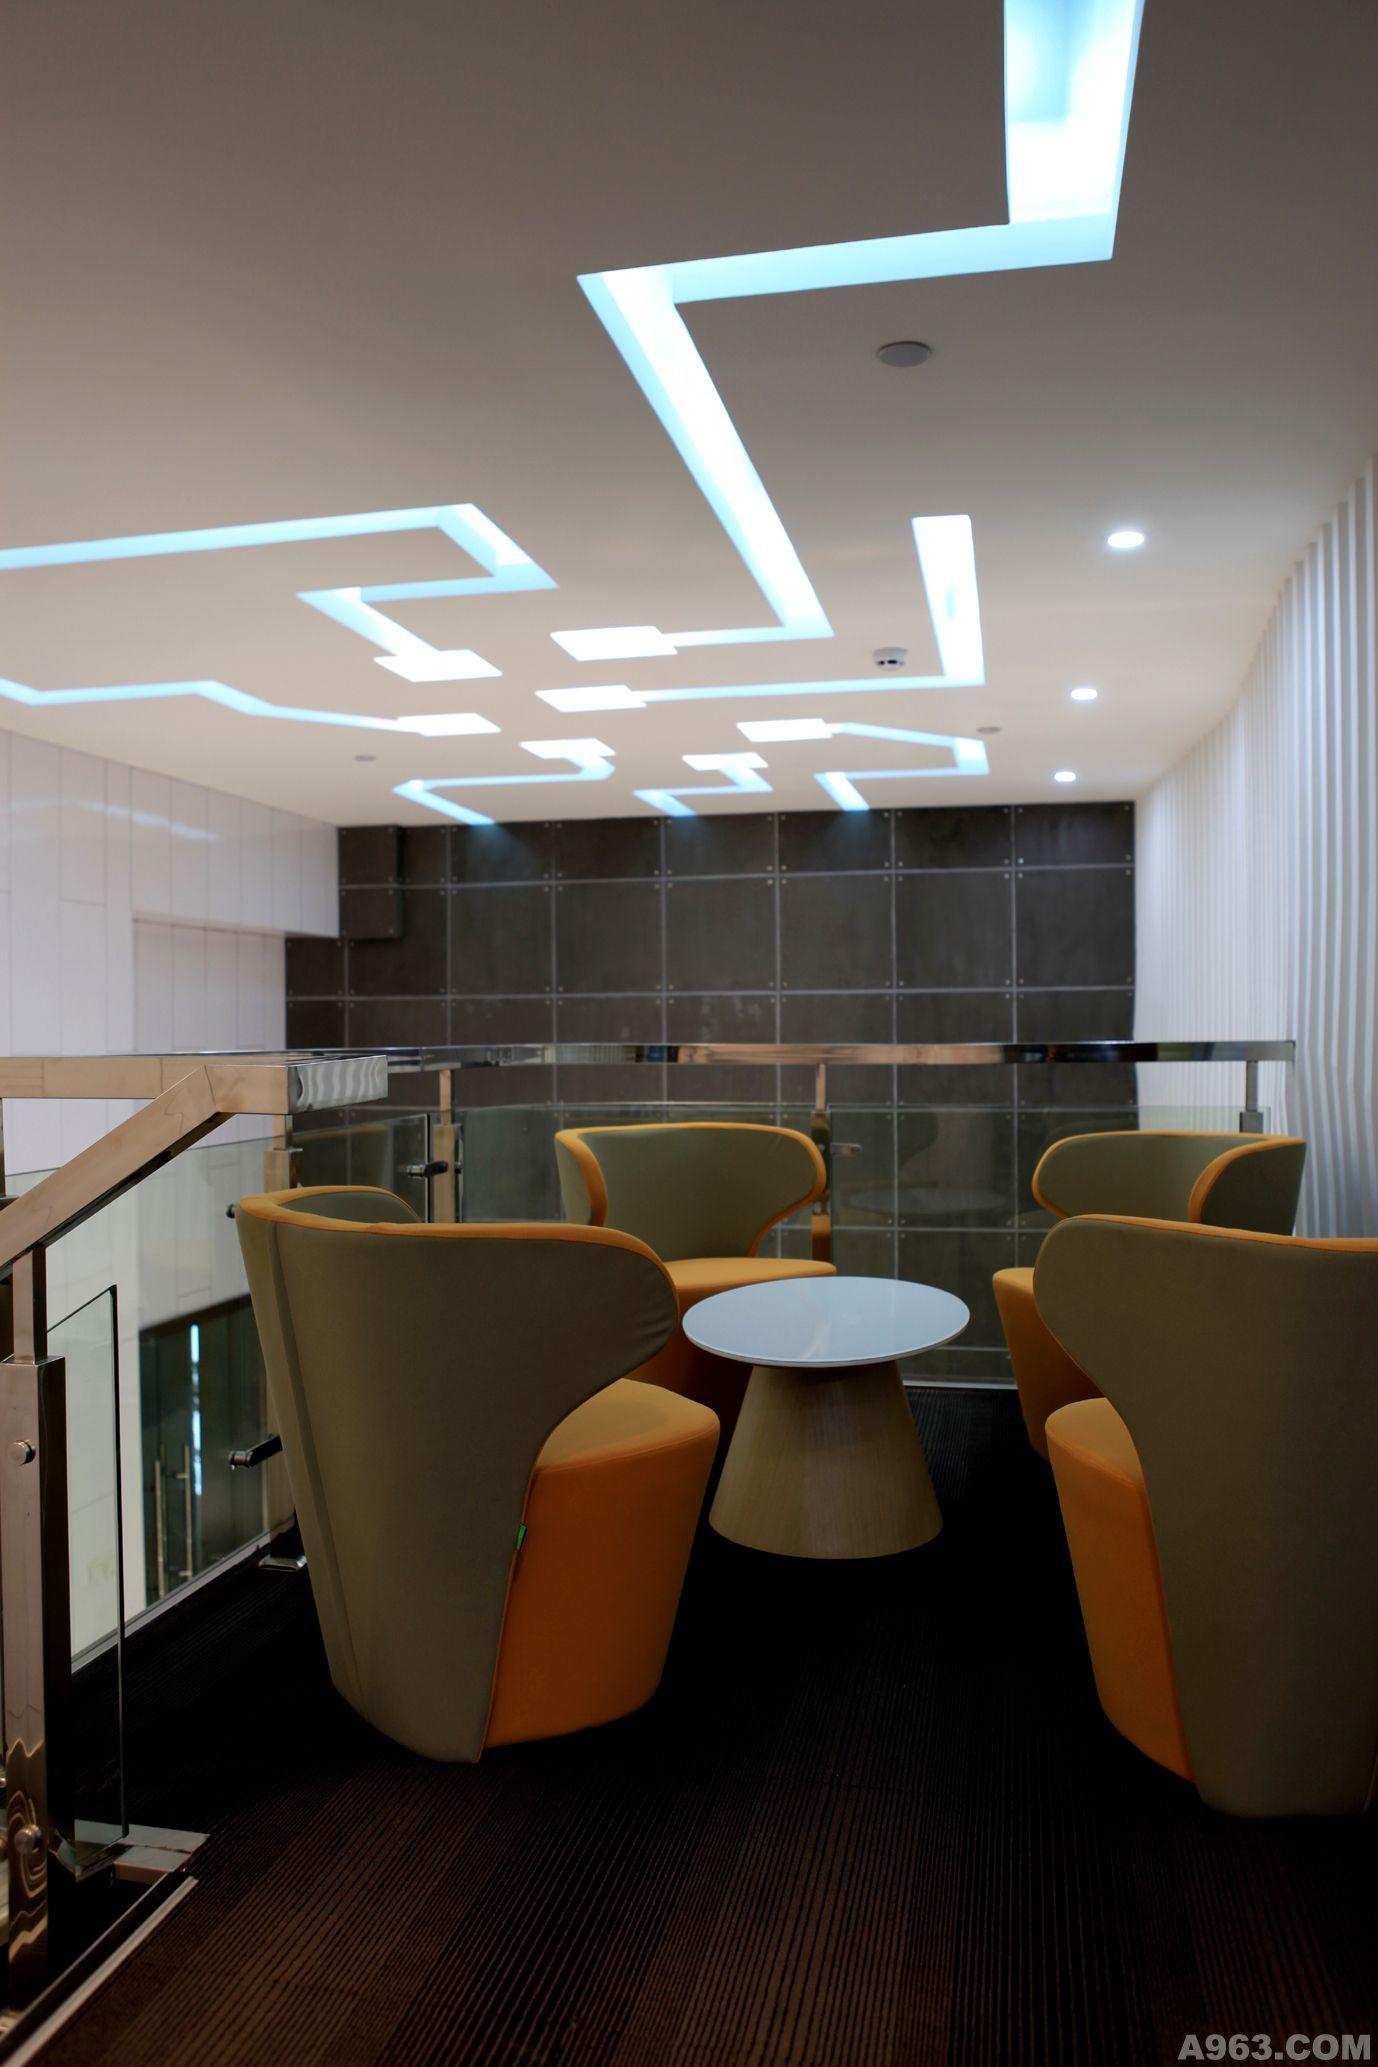 钢结构夹层,充分利用了空间,为业主营造了尽可能多的使用面积;前台